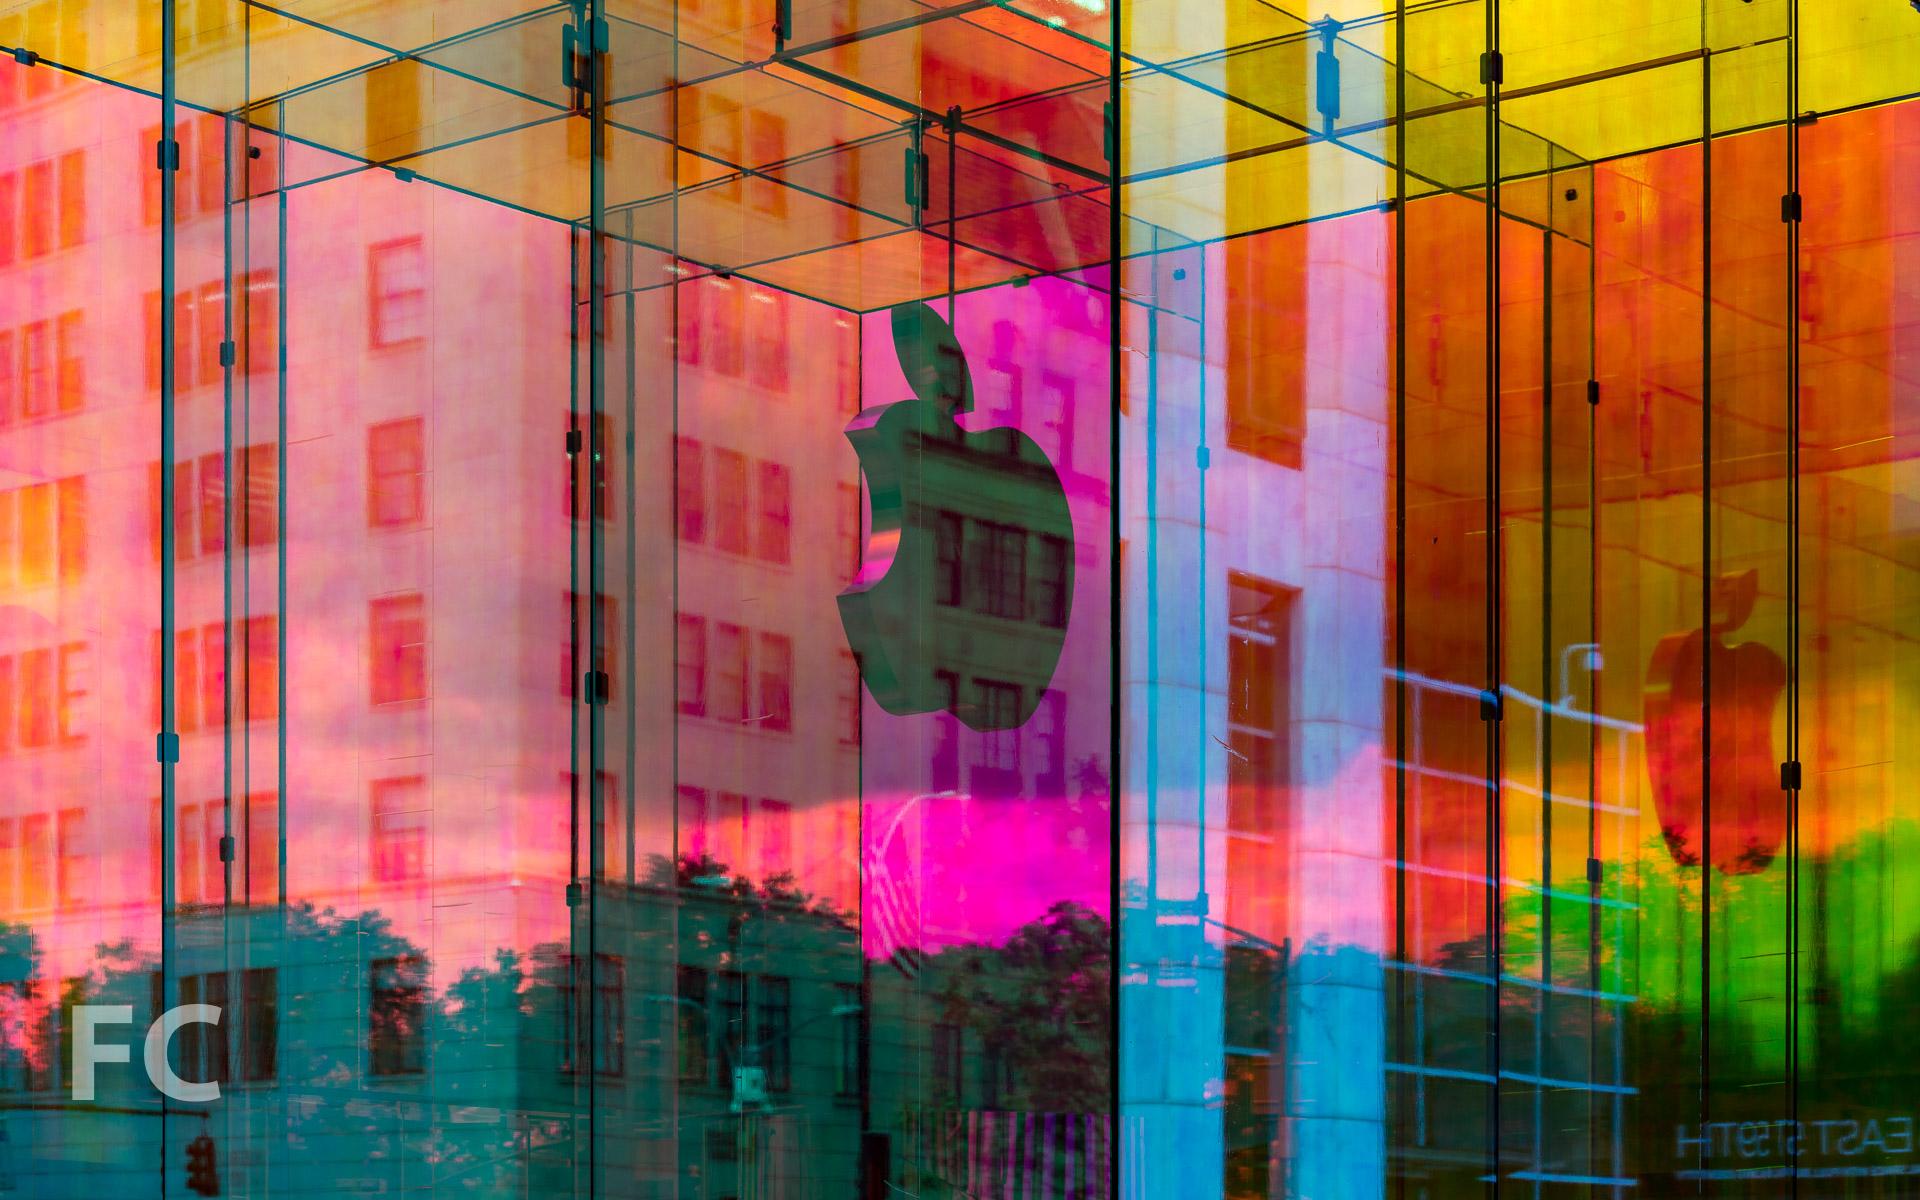 20190907-Apple 5th Avenue-DSC06979.jpg